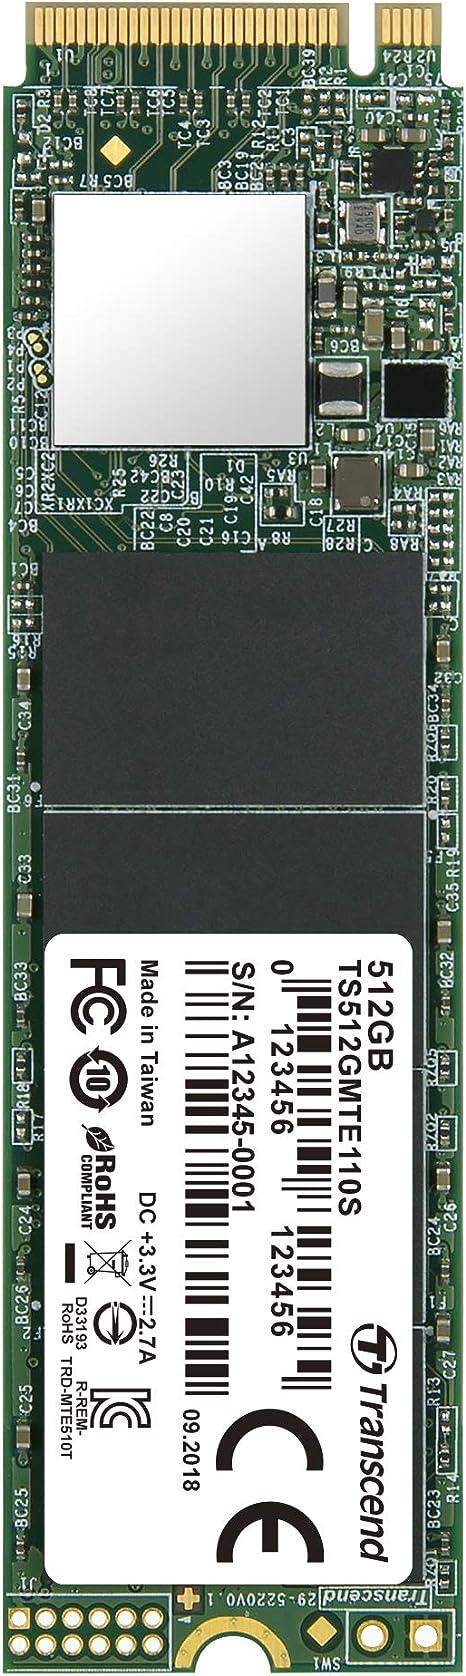 Transcend MTE110S, NVMe PCIe Gen 3x4 M.2 SSD de 512 GB, 3D TLC ...